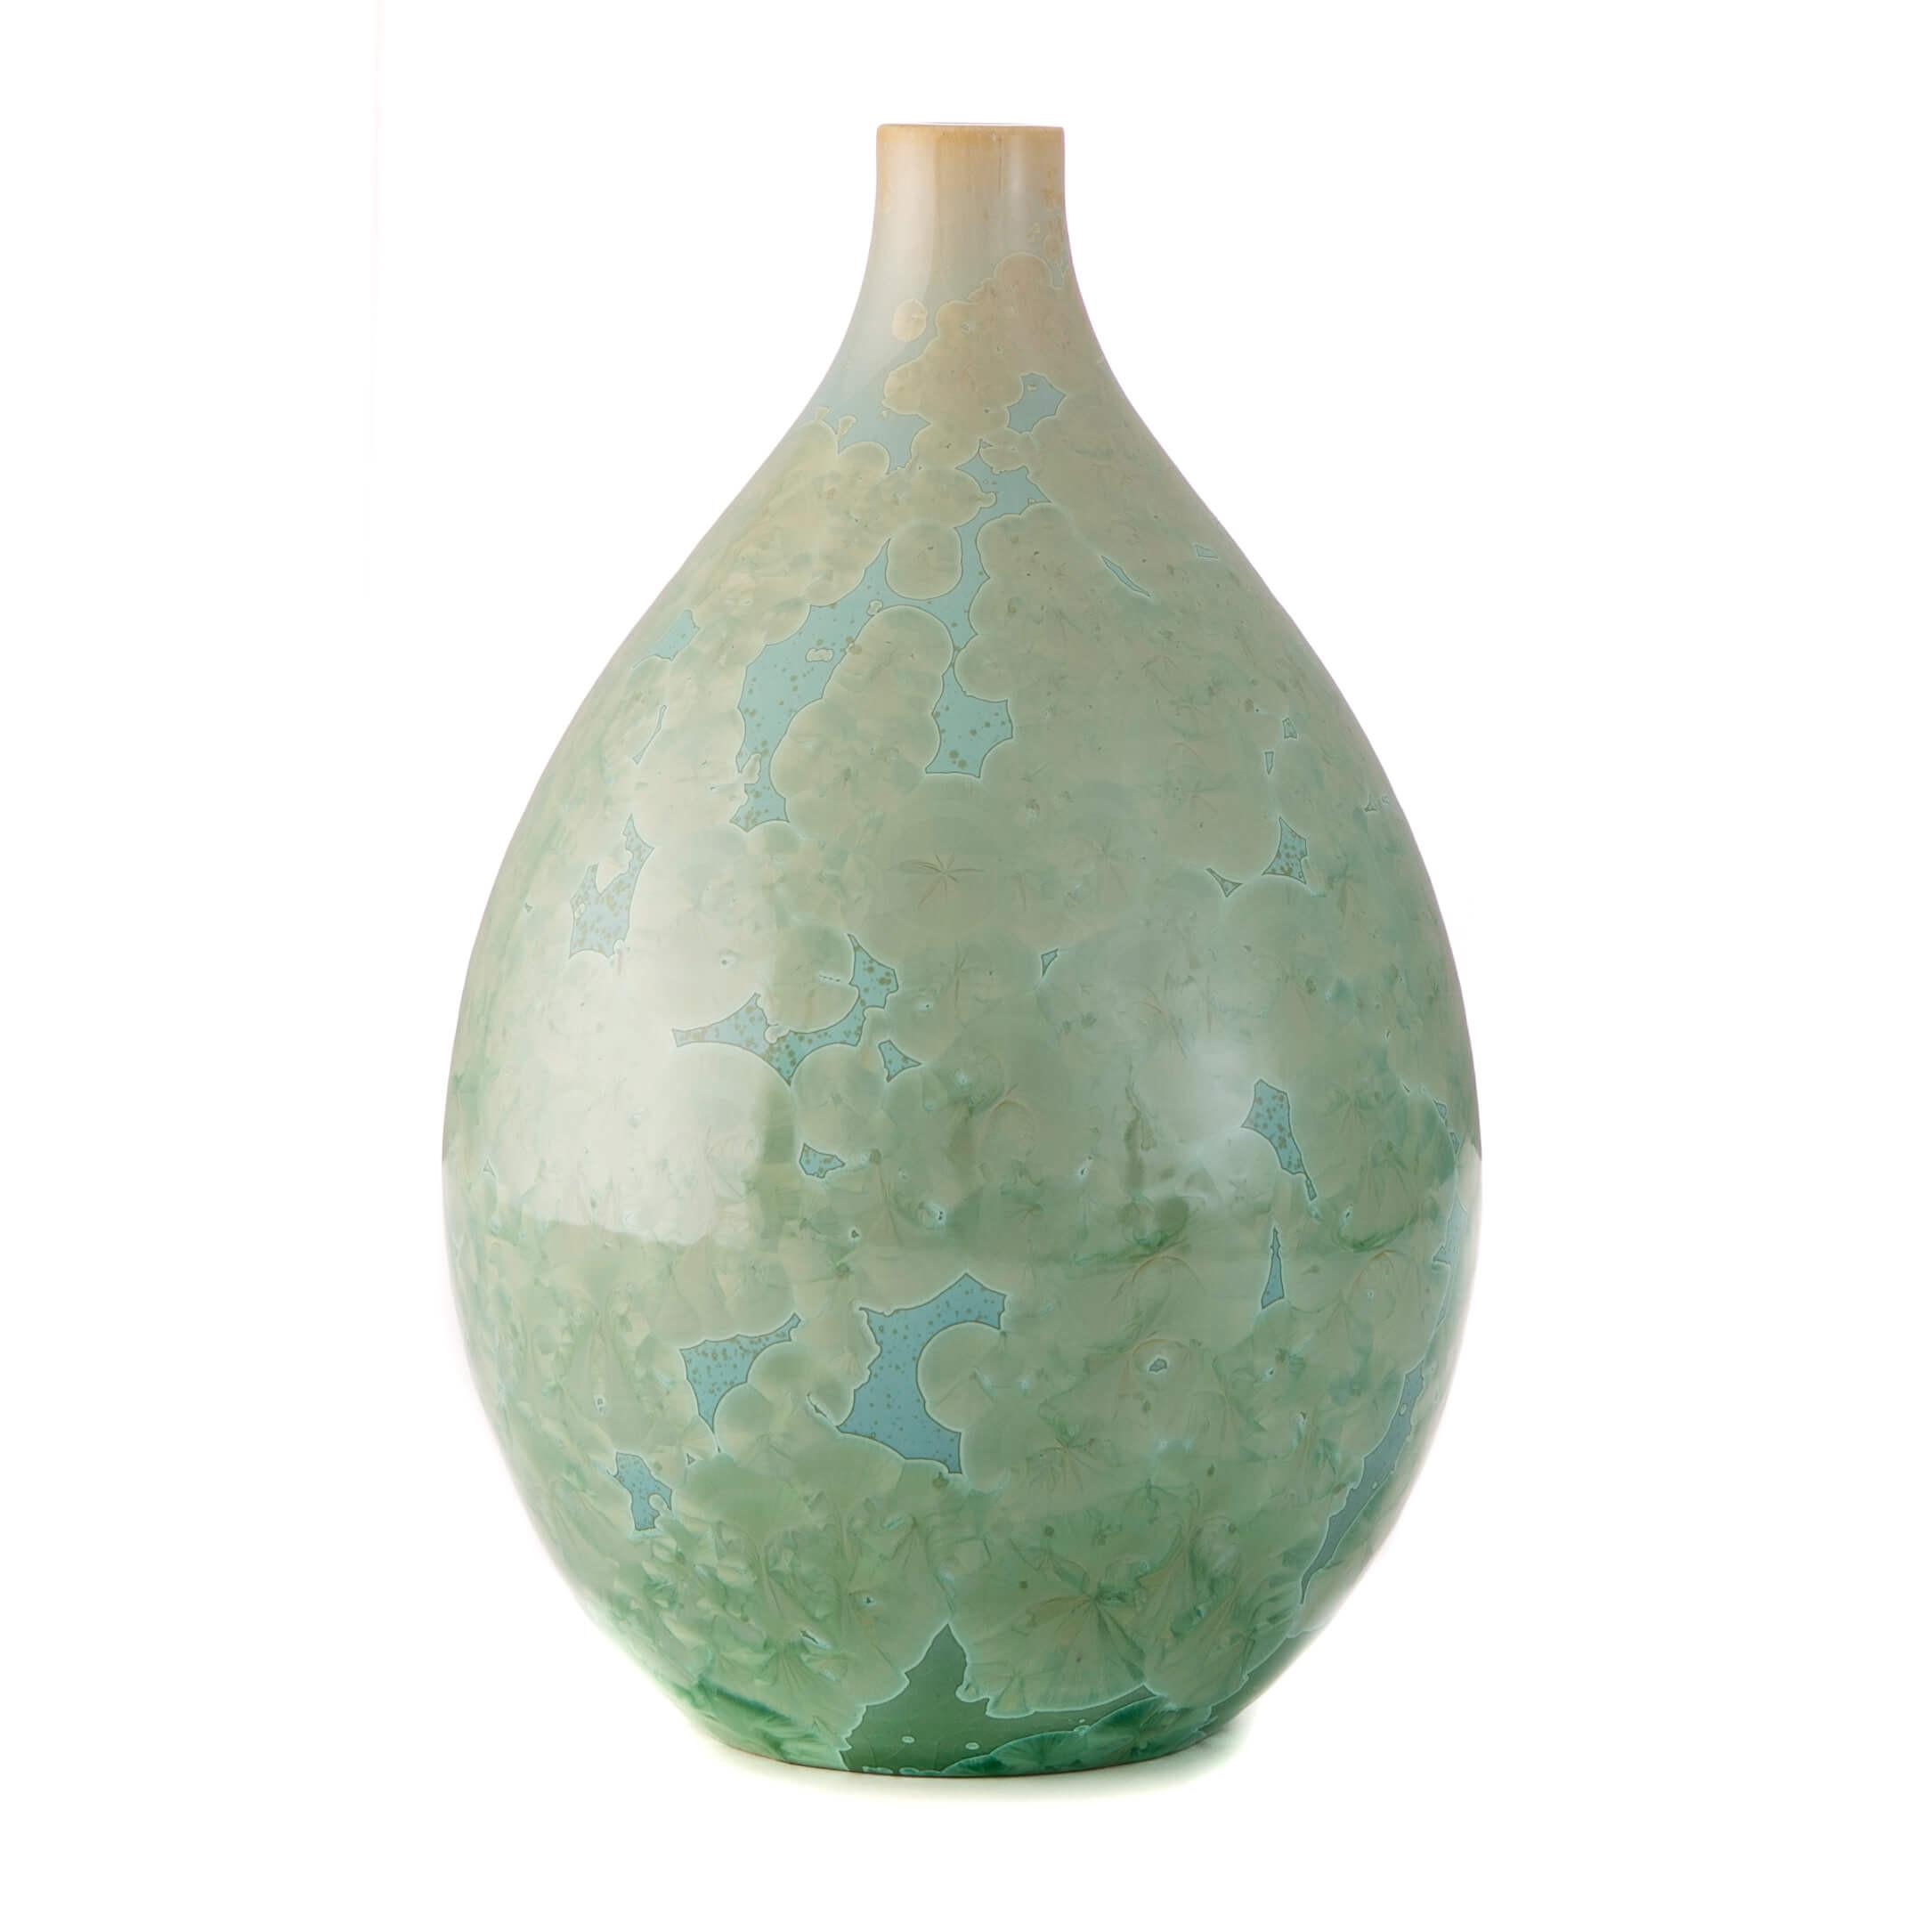 simon pearce vase sale of crystalline jade teardrop vase medium with 5337jade purecrystalline